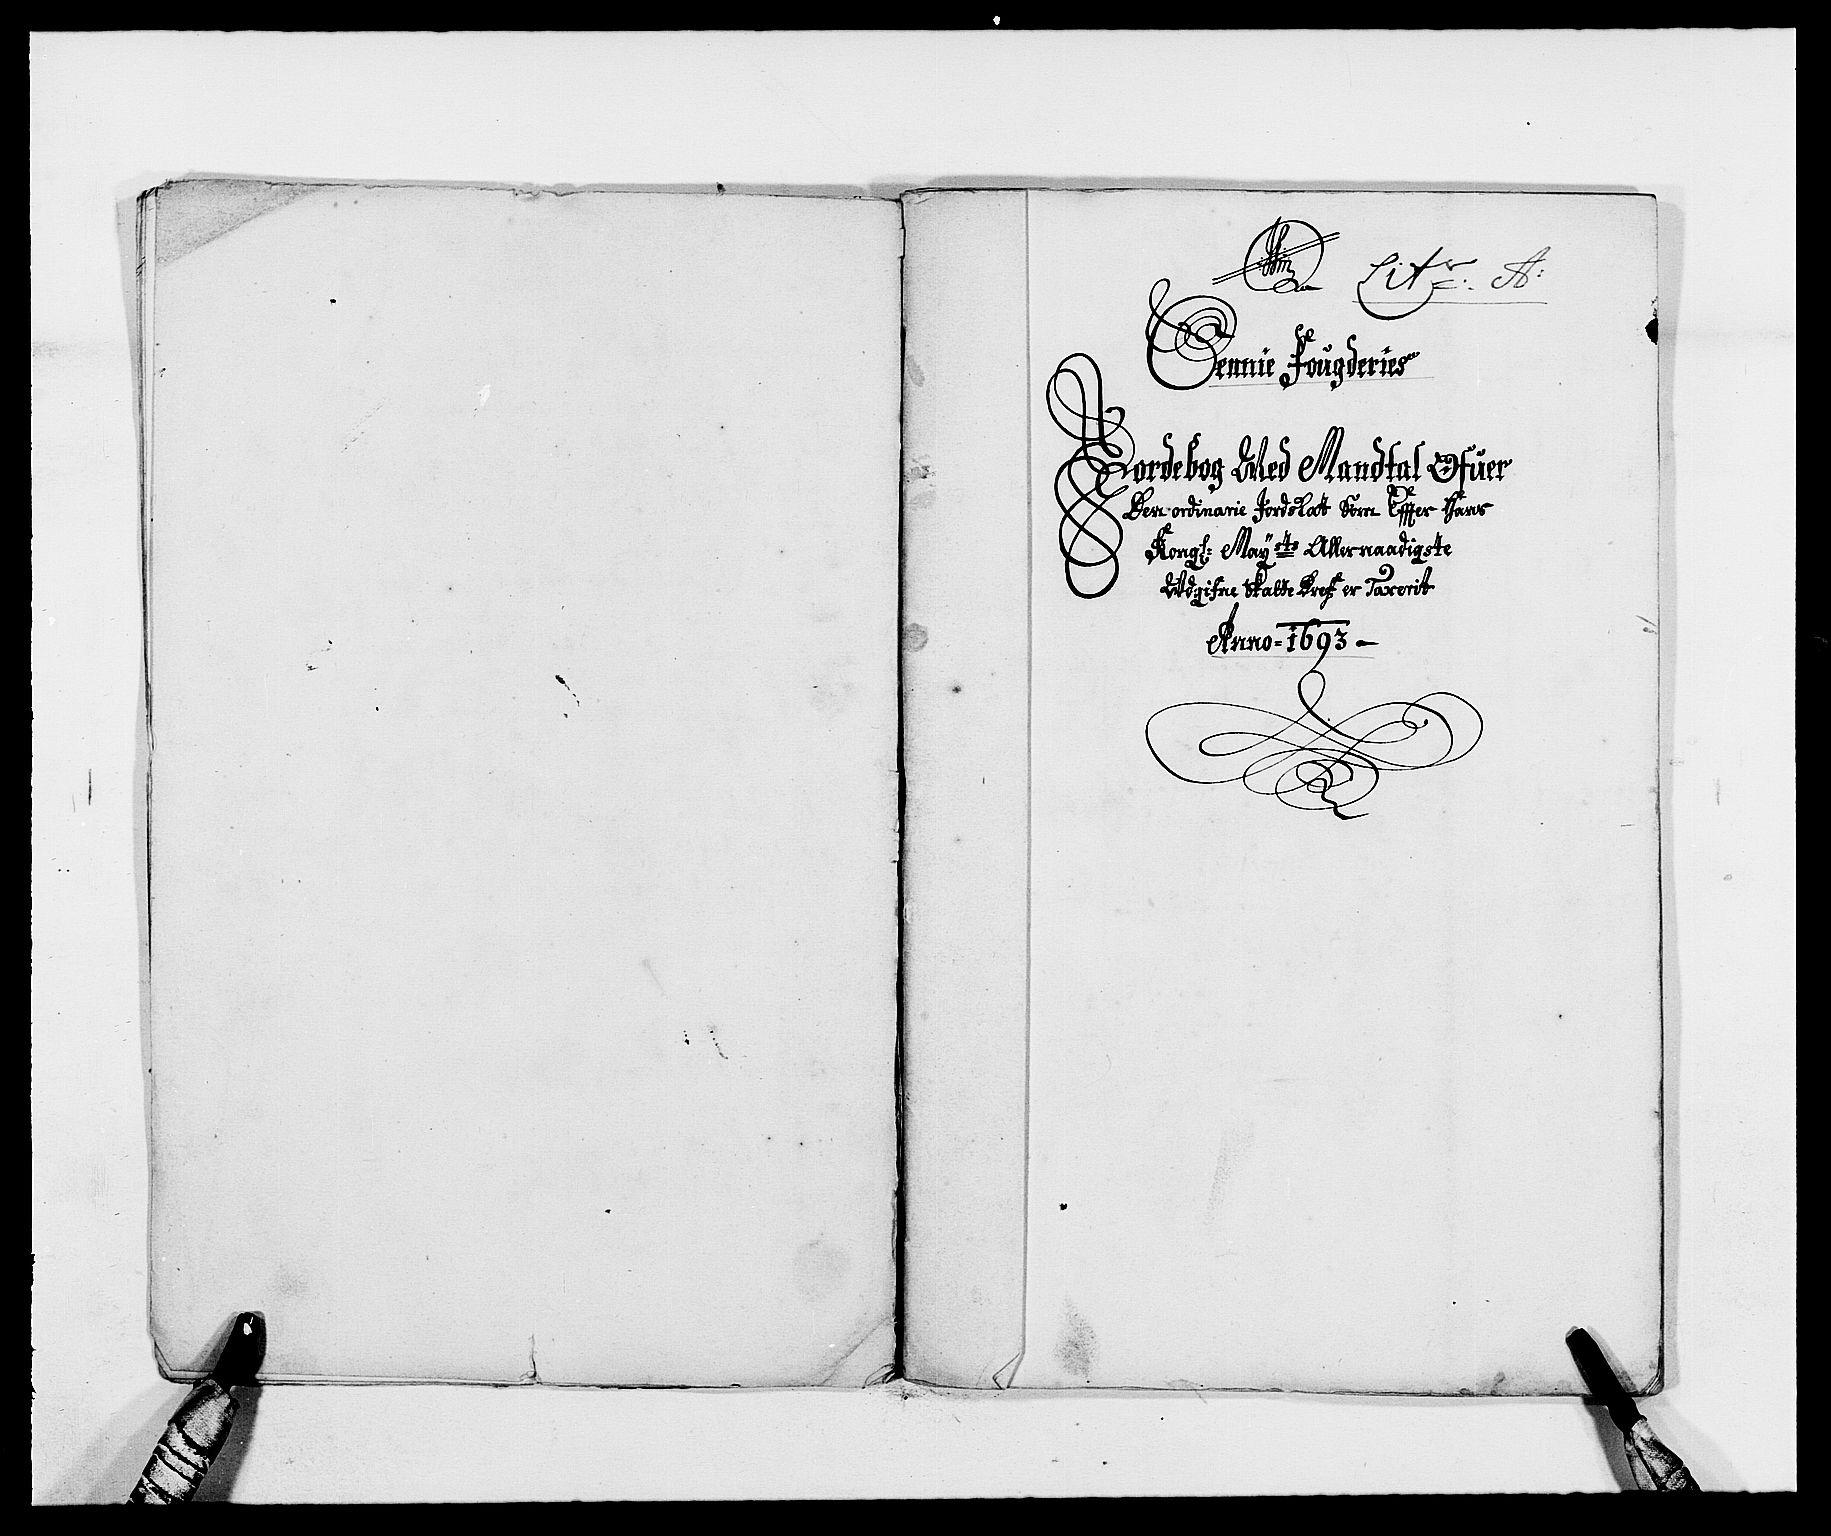 RA, Rentekammeret inntil 1814, Reviderte regnskaper, Fogderegnskap, R68/L4752: Fogderegnskap Senja og Troms, 1691-1693, s. 330